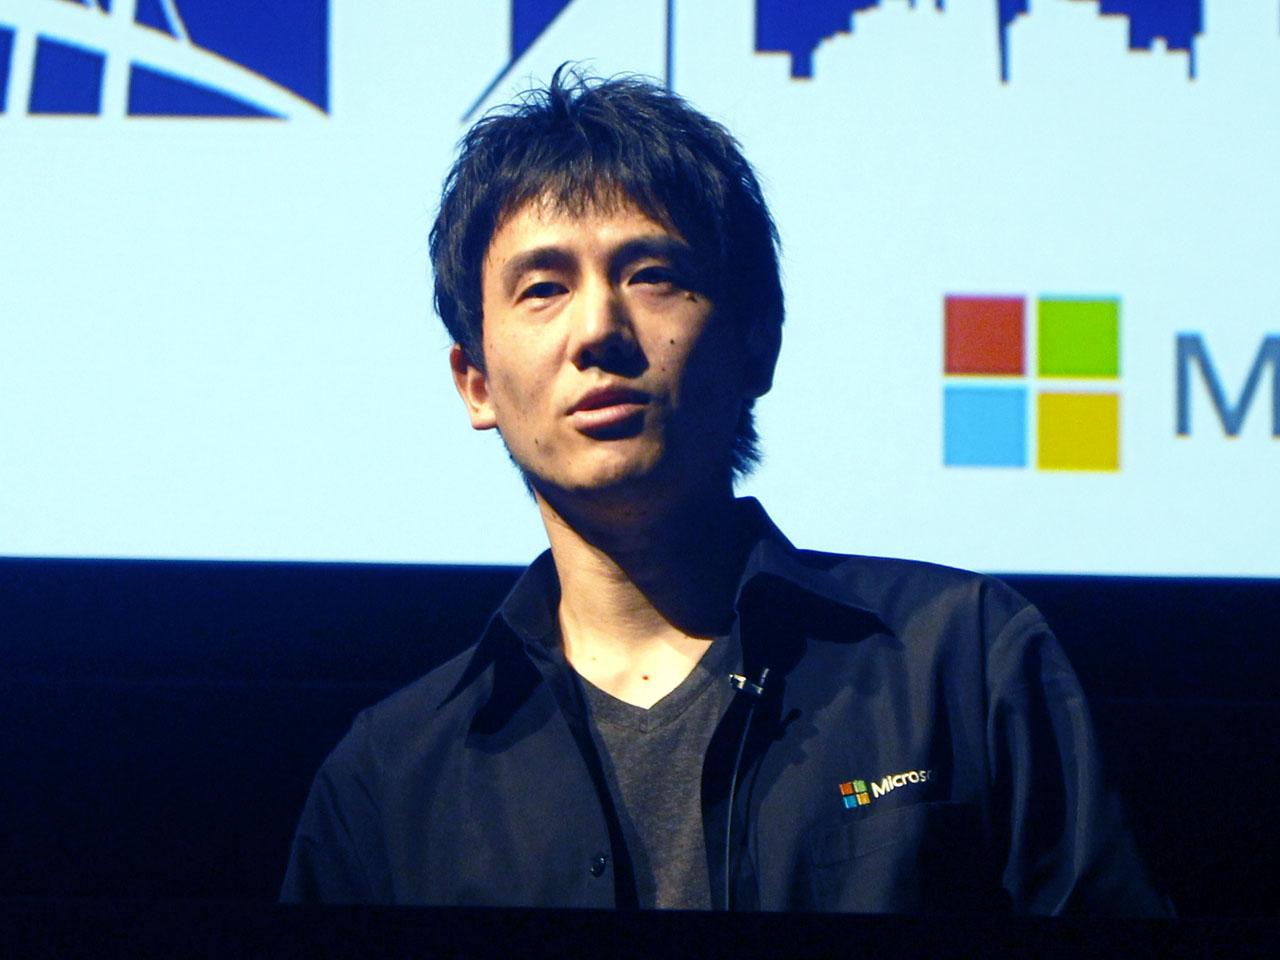 日本マイクロソフト株式会社 Global Black Belt IoTテクノロジーソリューションプロフェッショナルの中田 光昭氏